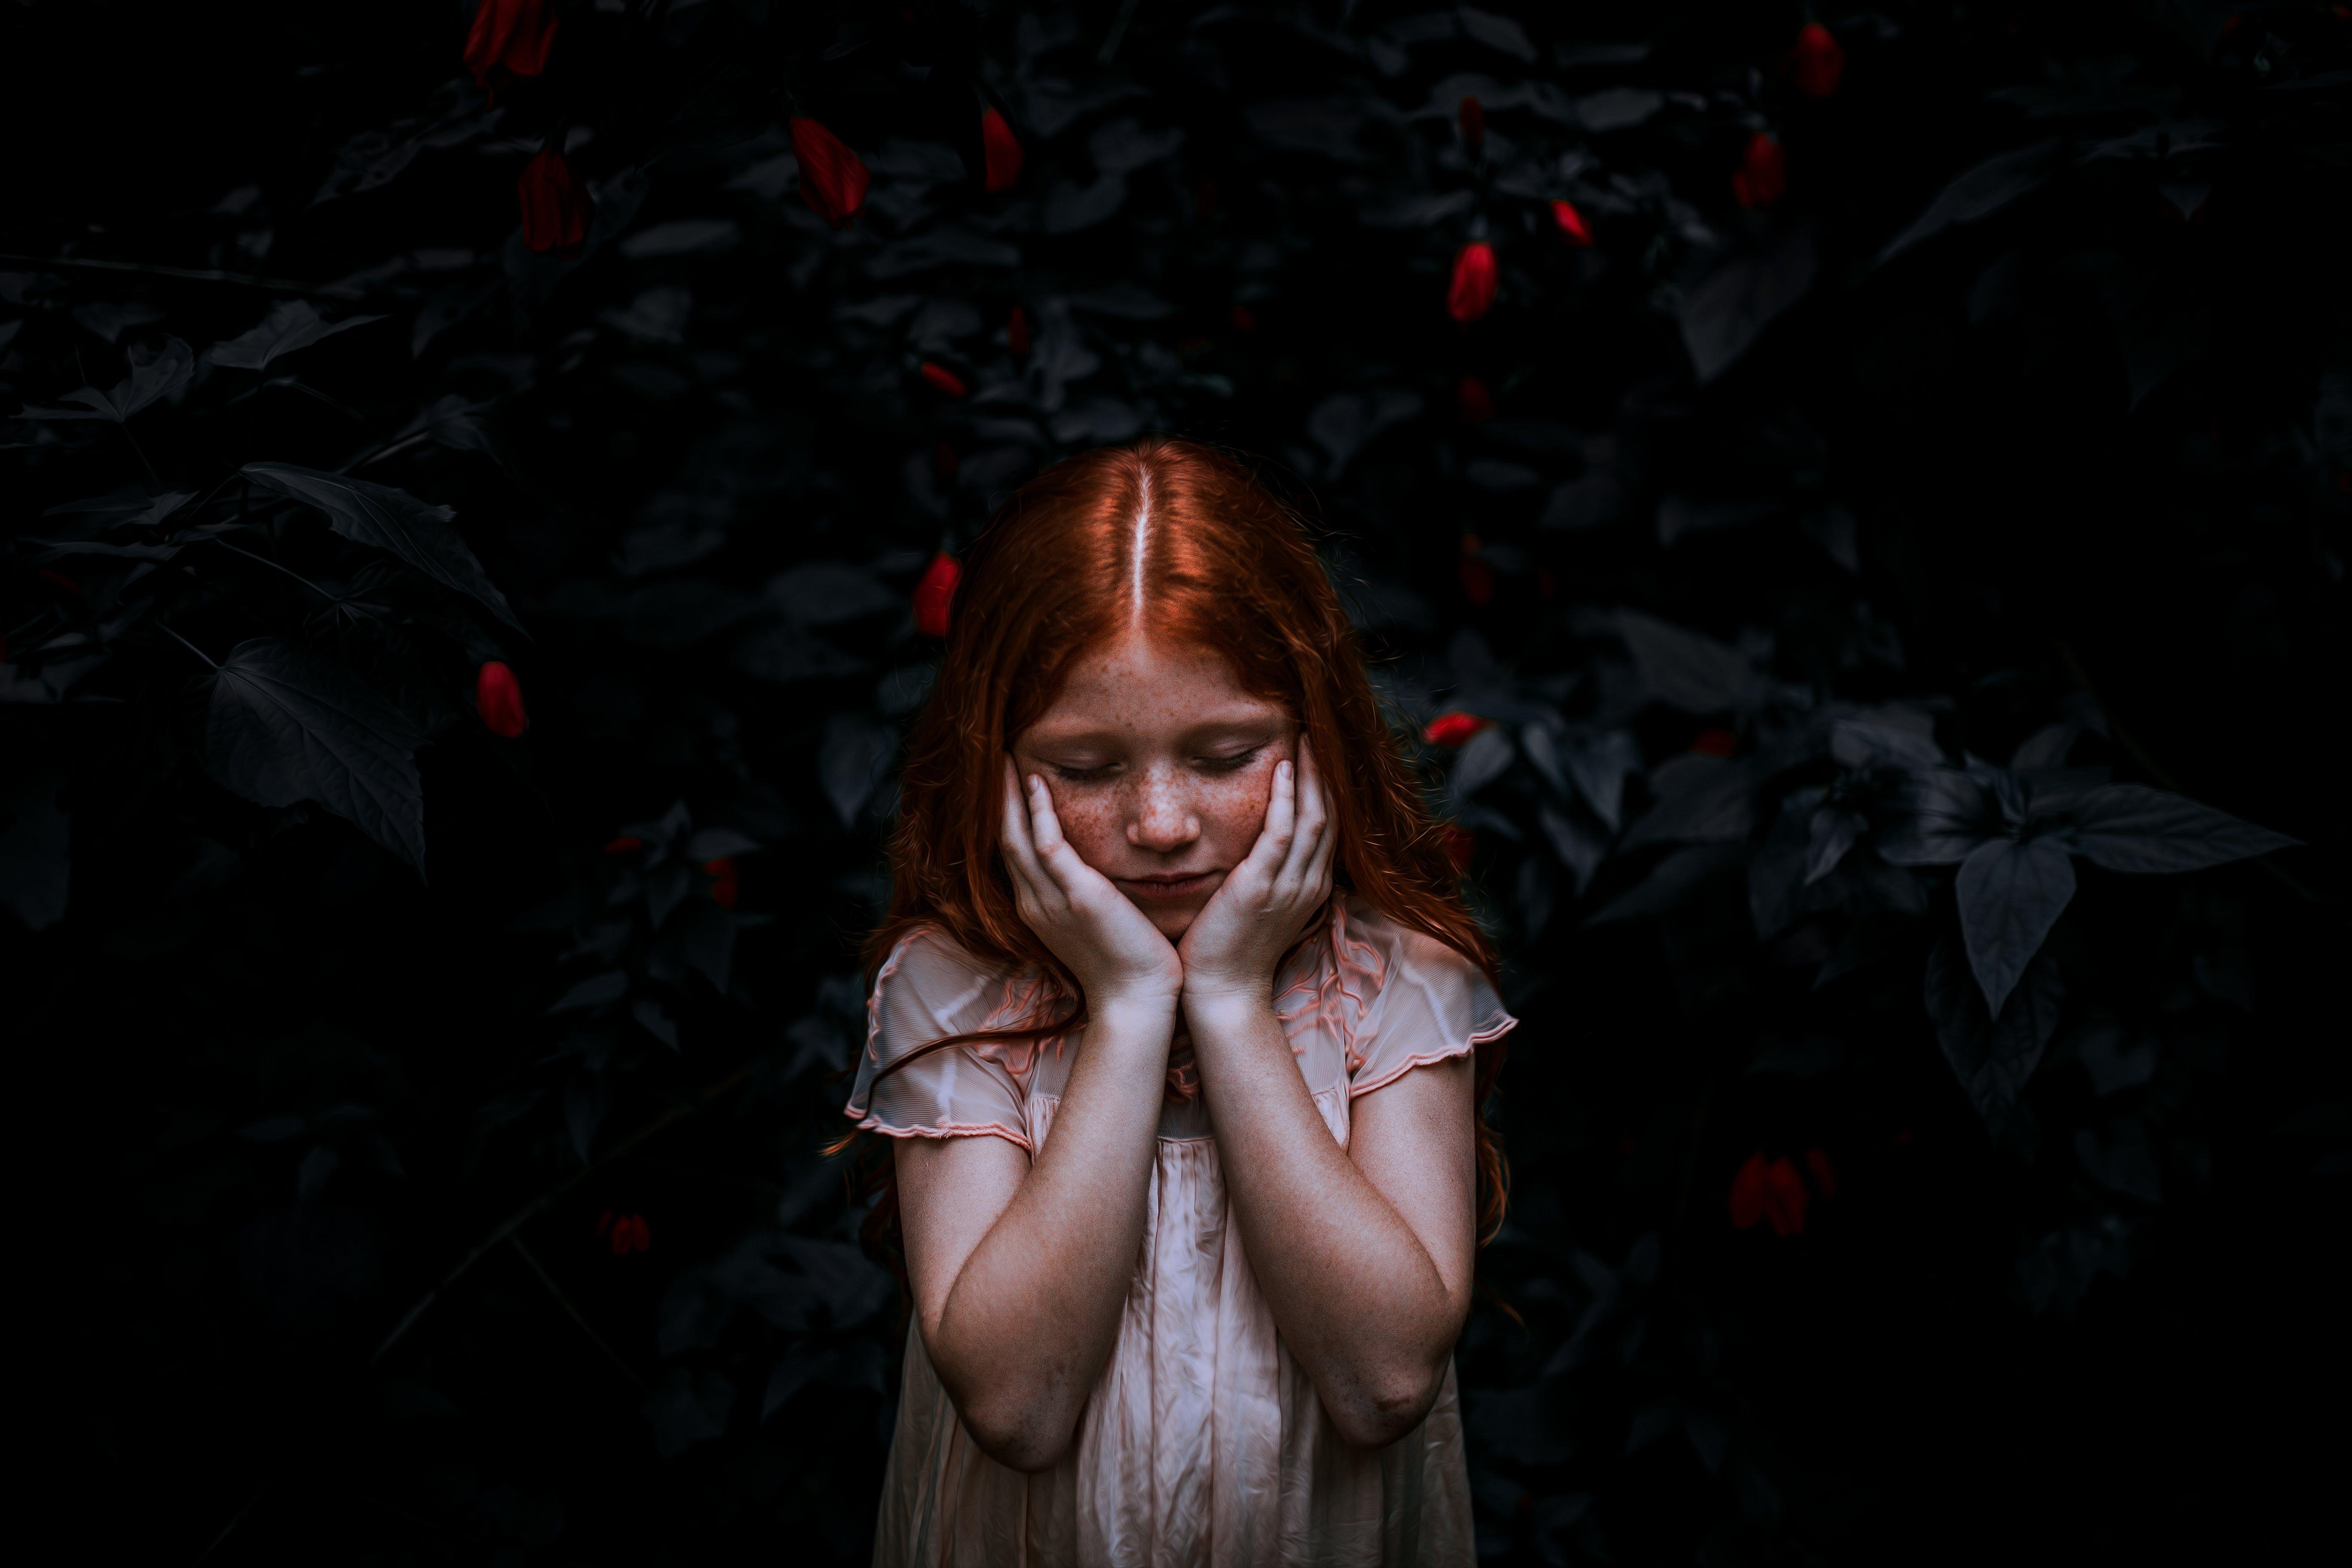 alone, child, children